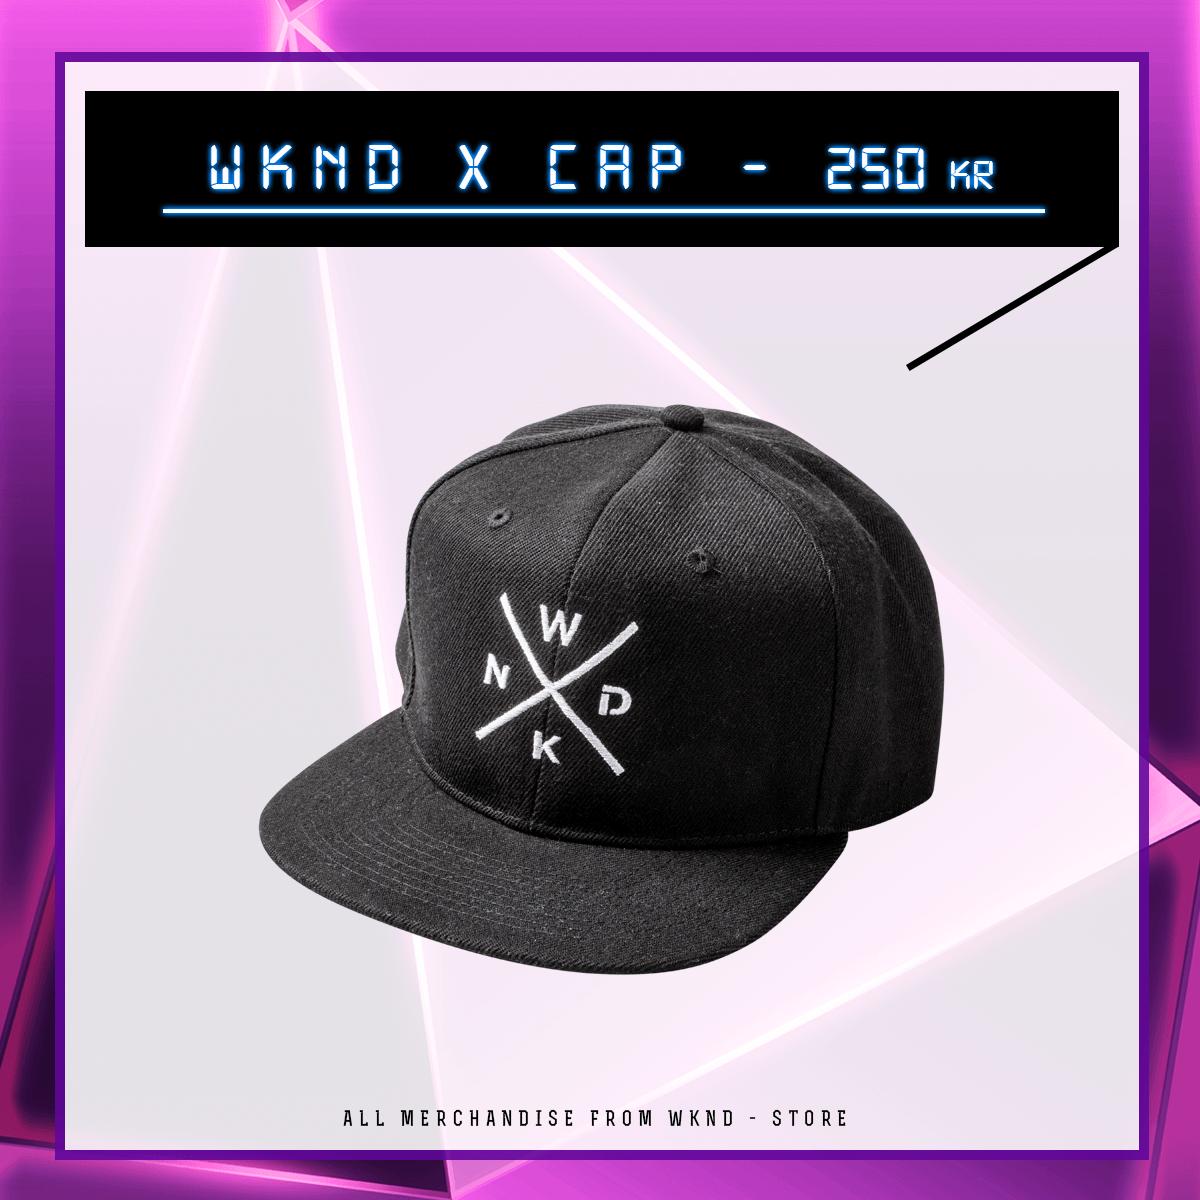 WKND-CAP-SWE